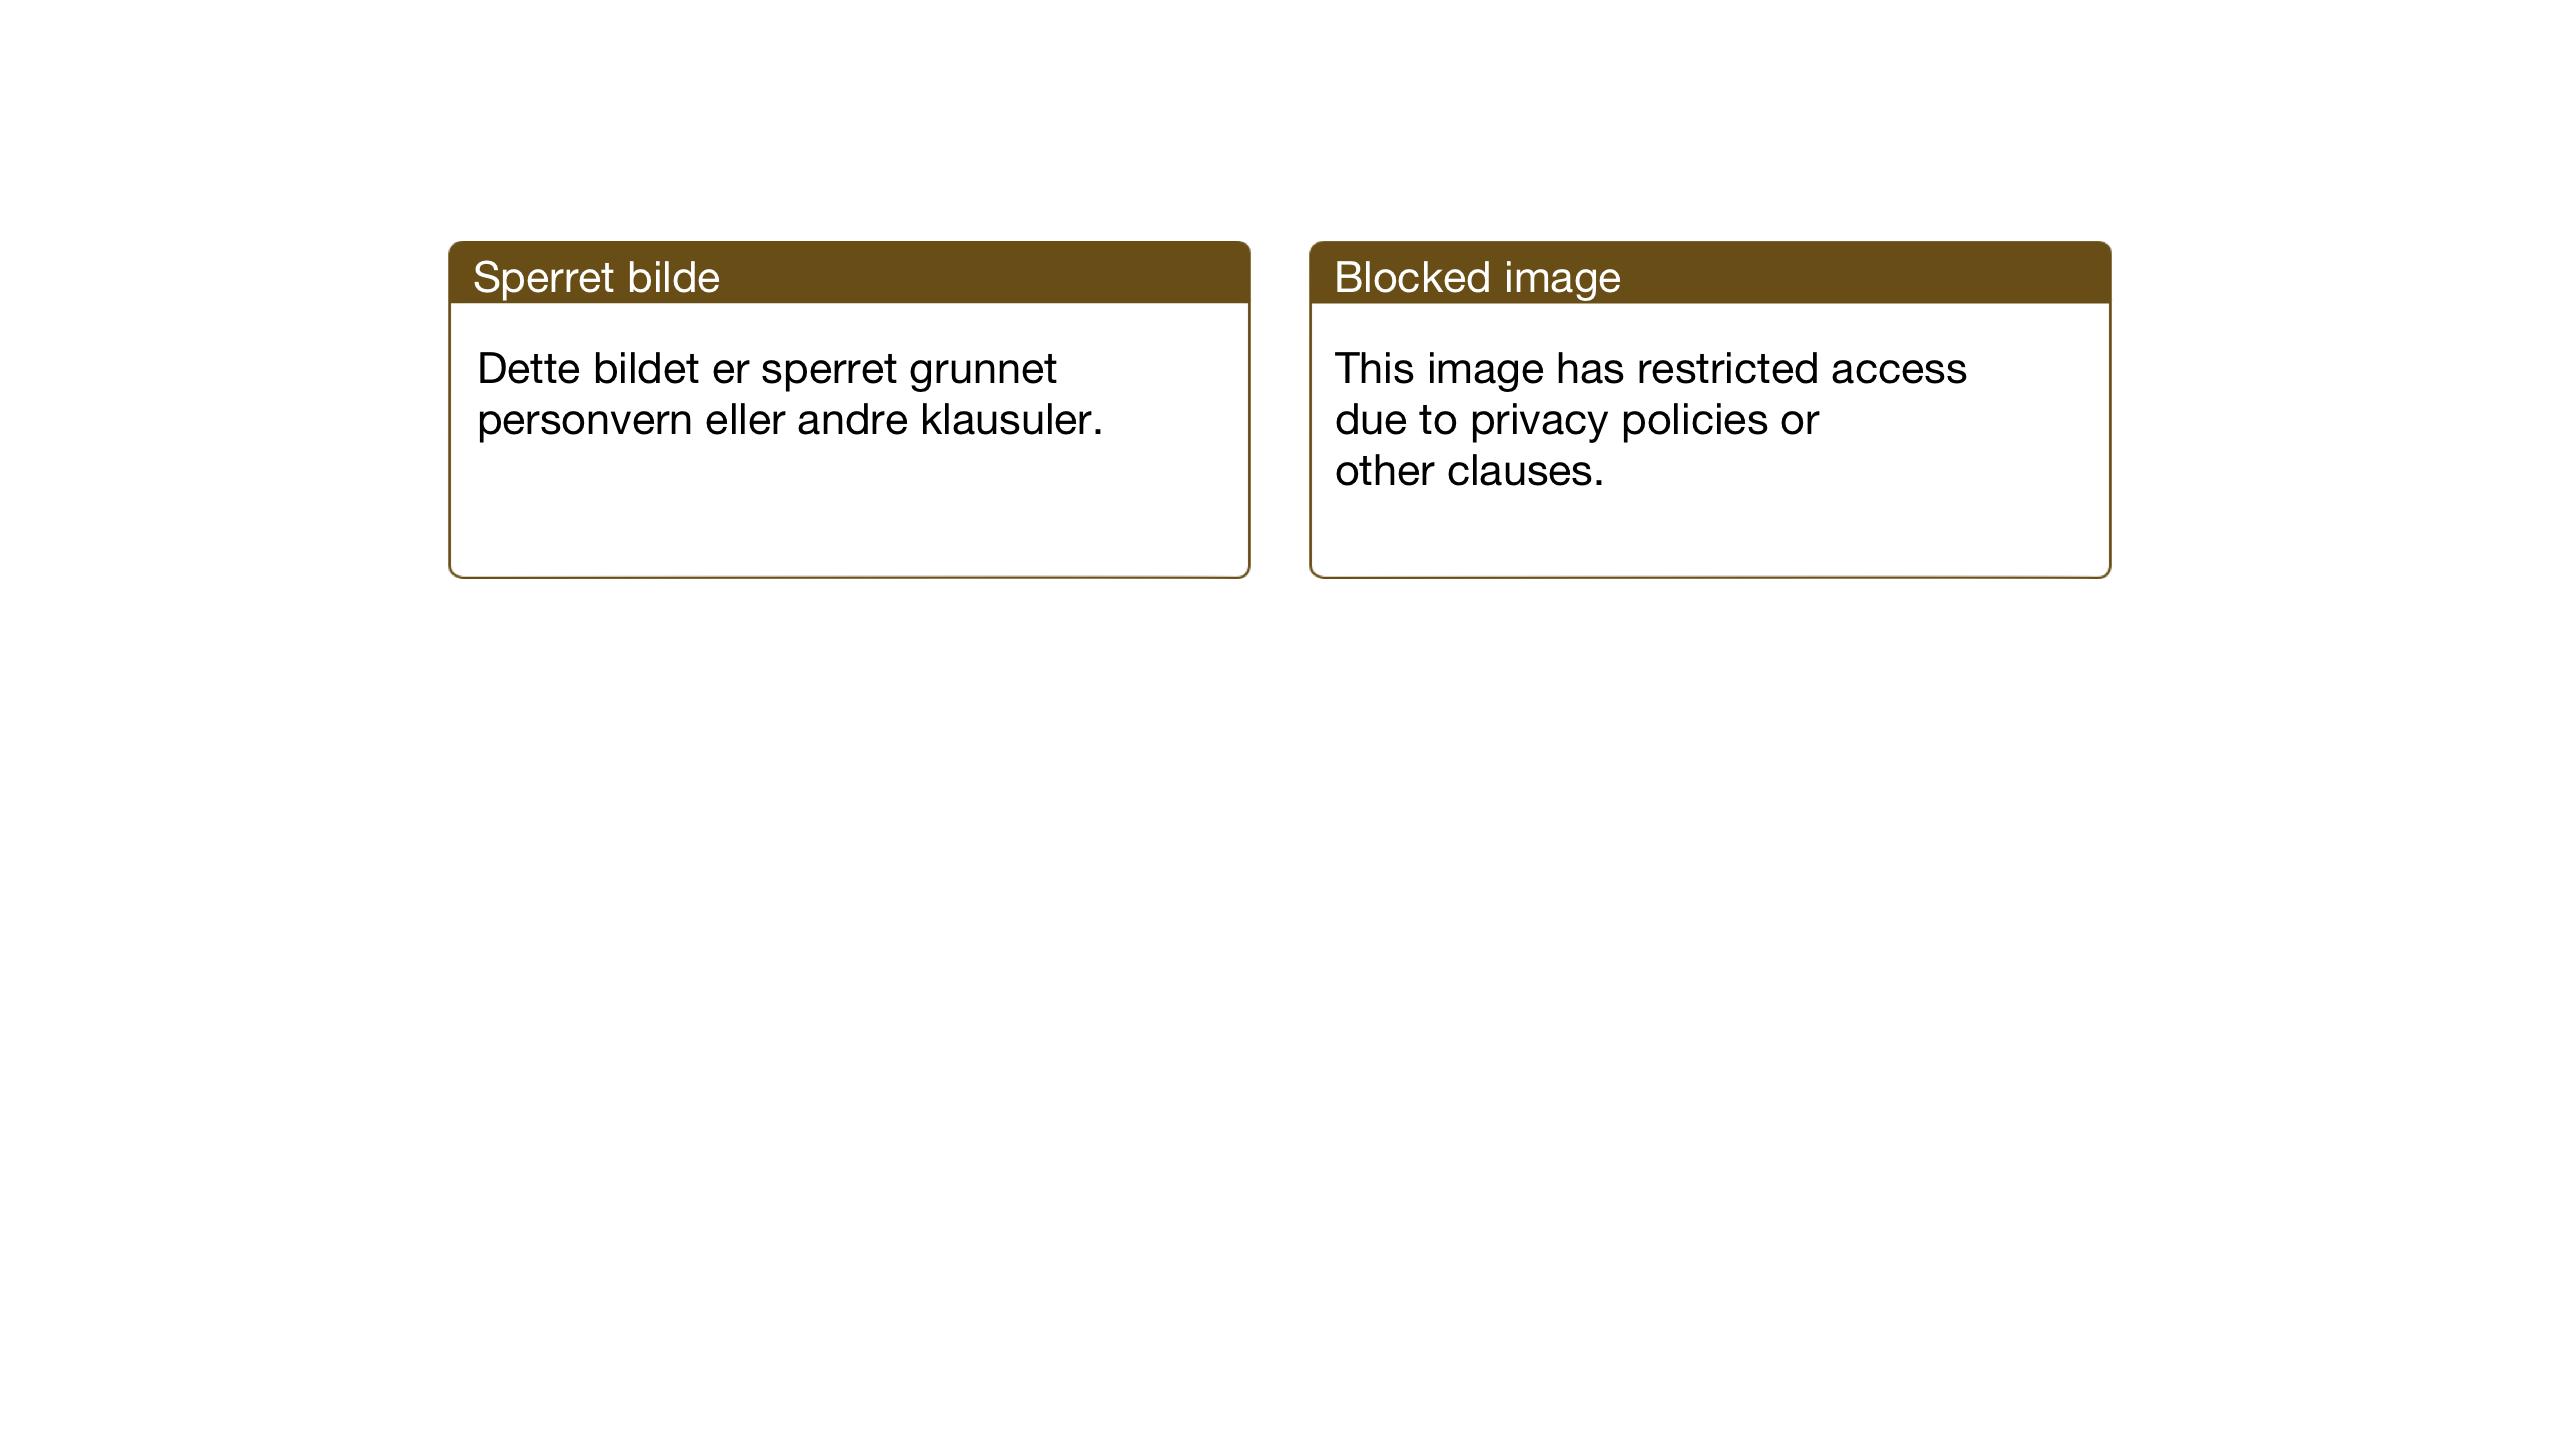 SAT, Ministerialprotokoller, klokkerbøker og fødselsregistre - Nord-Trøndelag, 710/L0097: Klokkerbok nr. 710C02, 1925-1955, s. 25